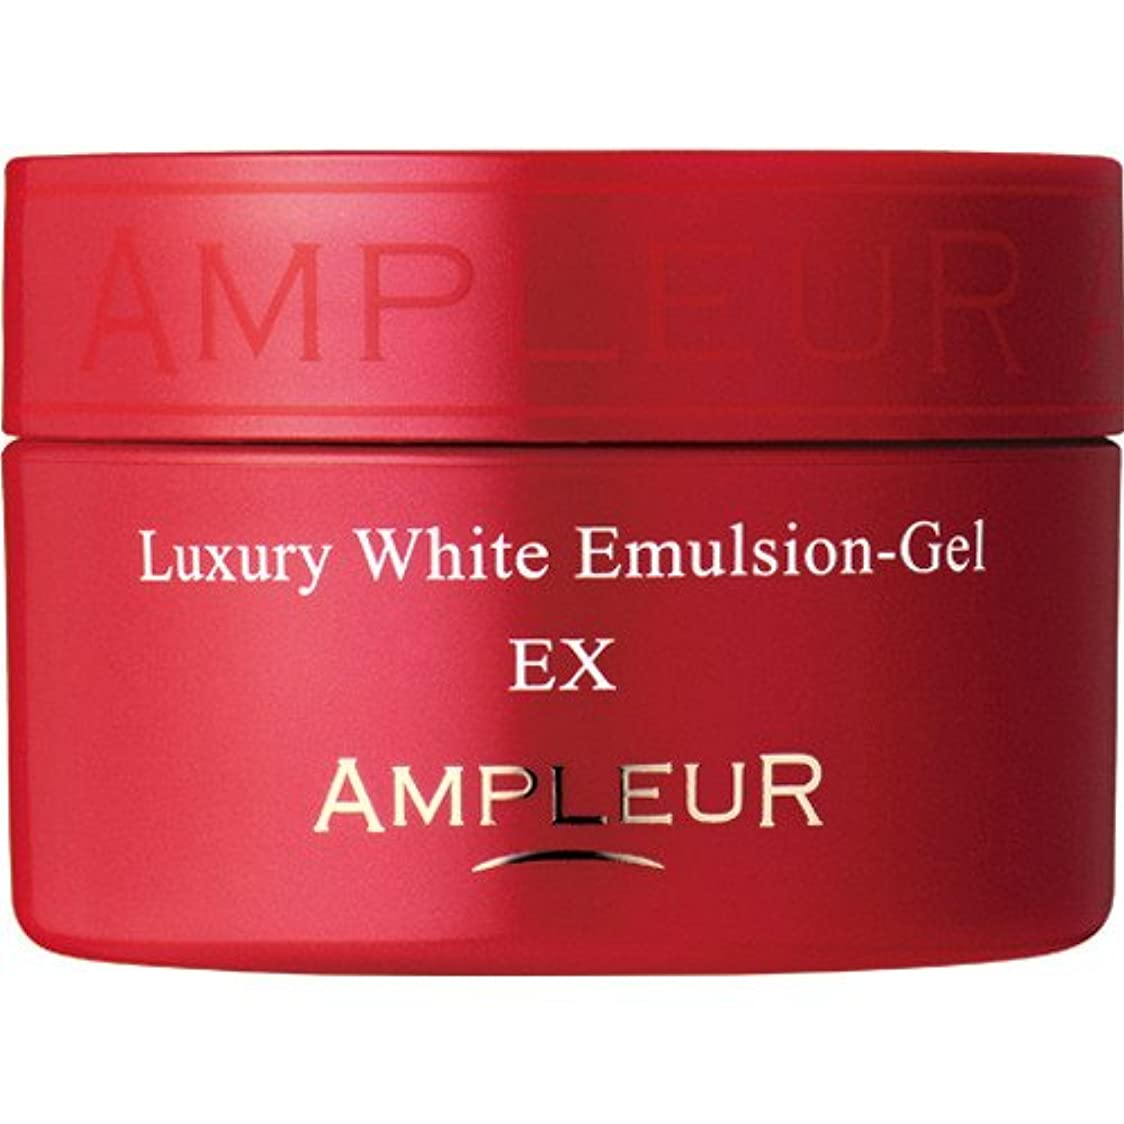 みぞれ少ない屋内でAMPLEUR(アンプルール) ラグジュアリーホワイト エマルジョンゲルEX 50g